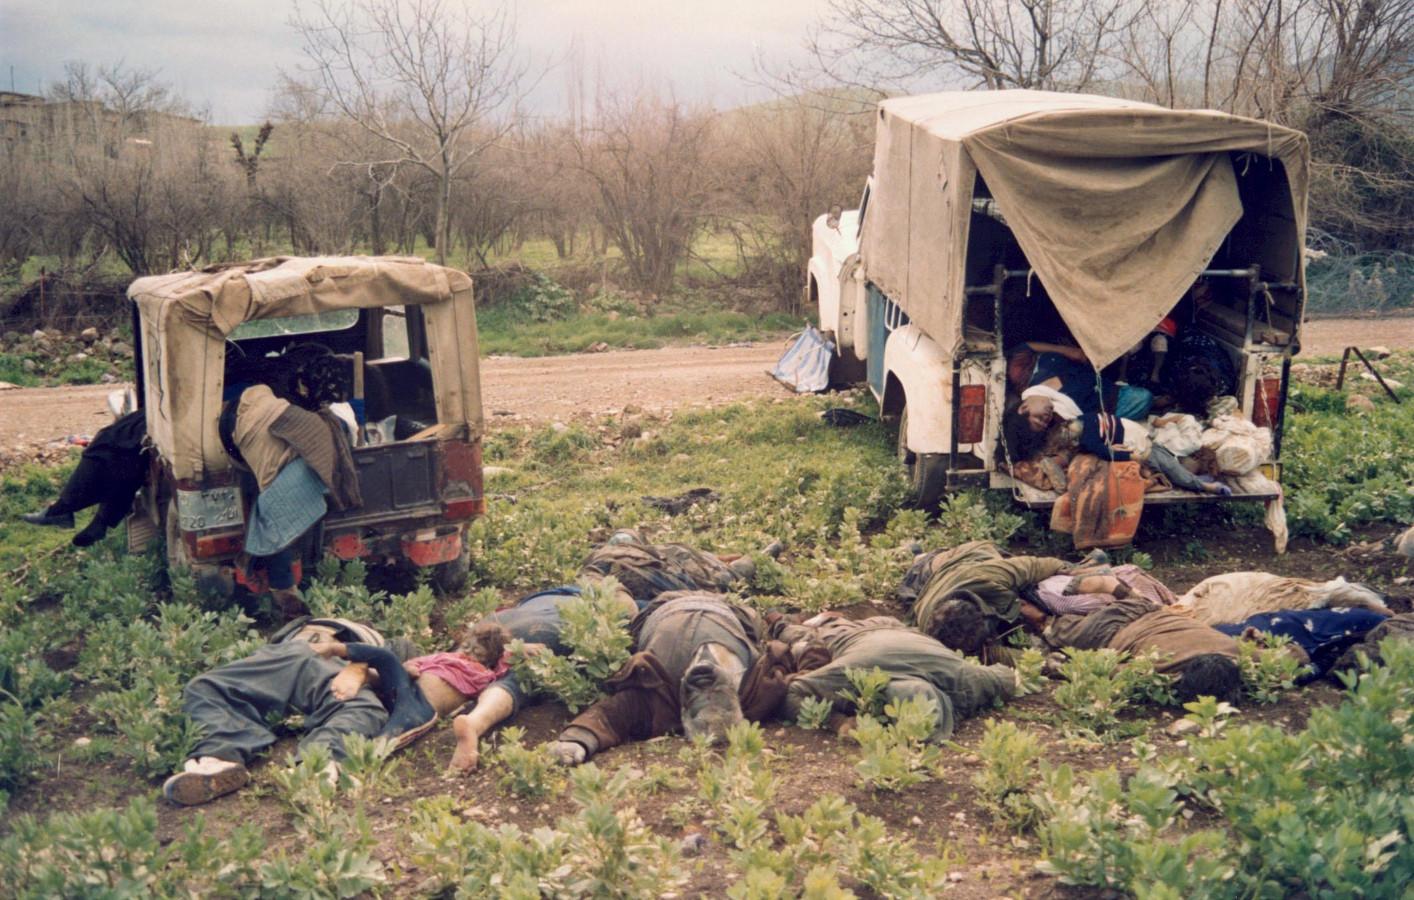 Doden bij de gifaanval op Halabja. Melchers wordt aangeklaagd omdat hij grondstoffen voor het gif zou hebben geleverd.